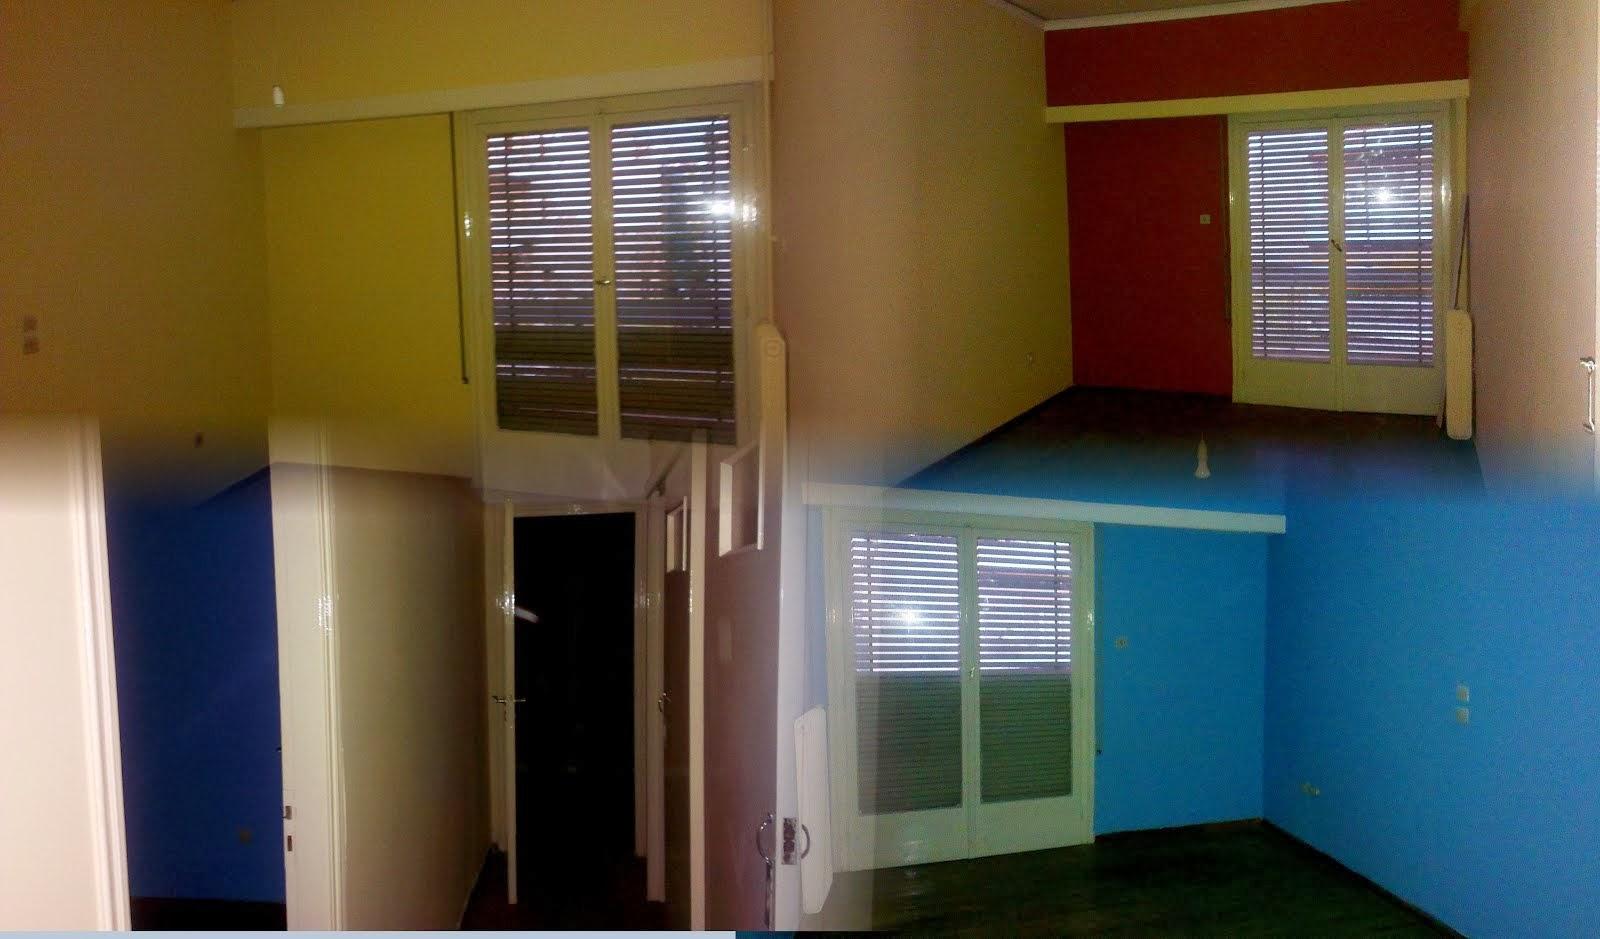 ΠΩΛΕΙΤΑΙ Διαμέρισμα 73τμ ΠΑΤΗΣΙΑ Τιμή 34.000 ευρώ...6973401502